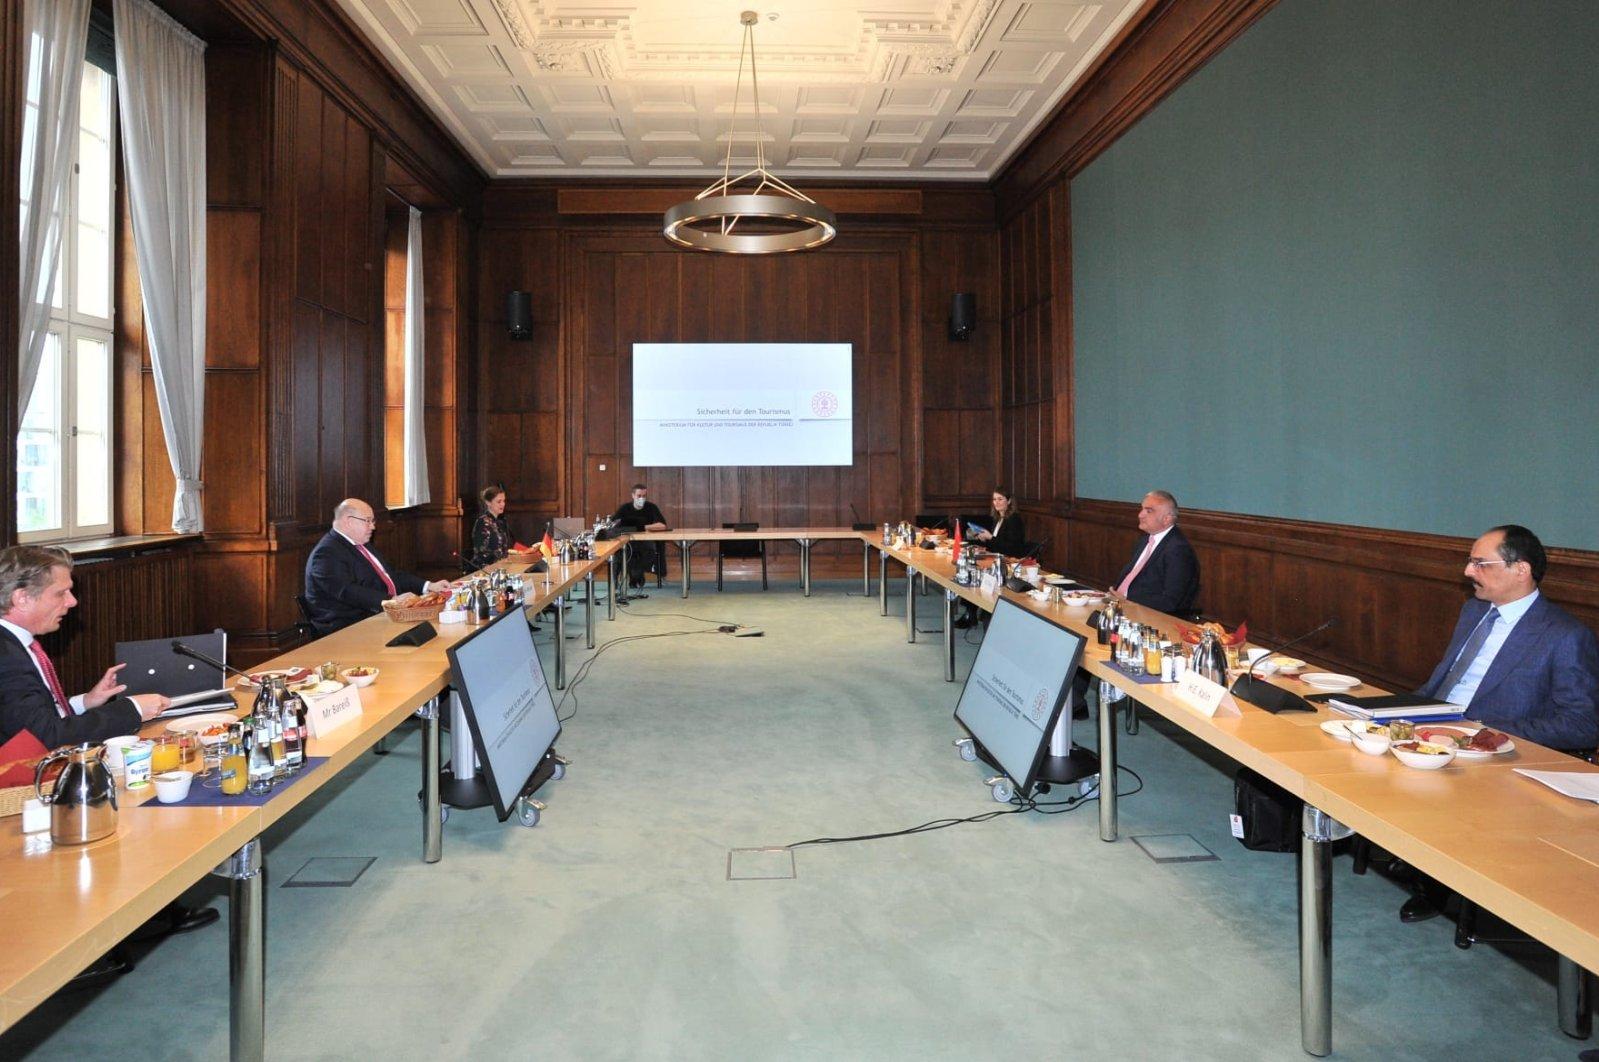 Hochrangige türkische und deutsche Beamte sprechen während ihres Treffens in Berlin über Tourismus